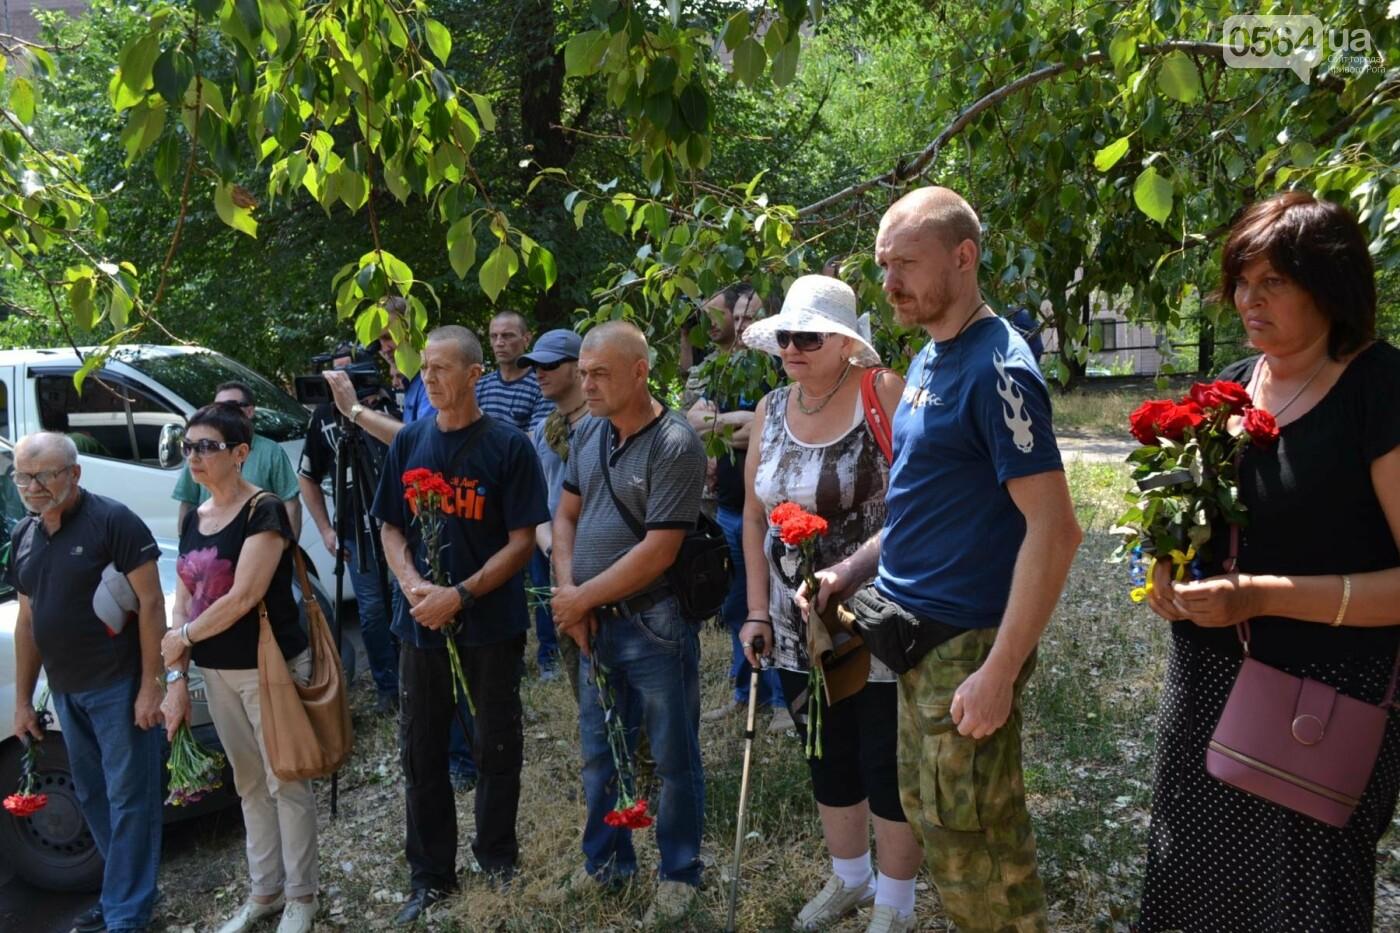 Криворожане простились с ветераном АТО Владимиром Близнюком, - ФОТО, фото-24